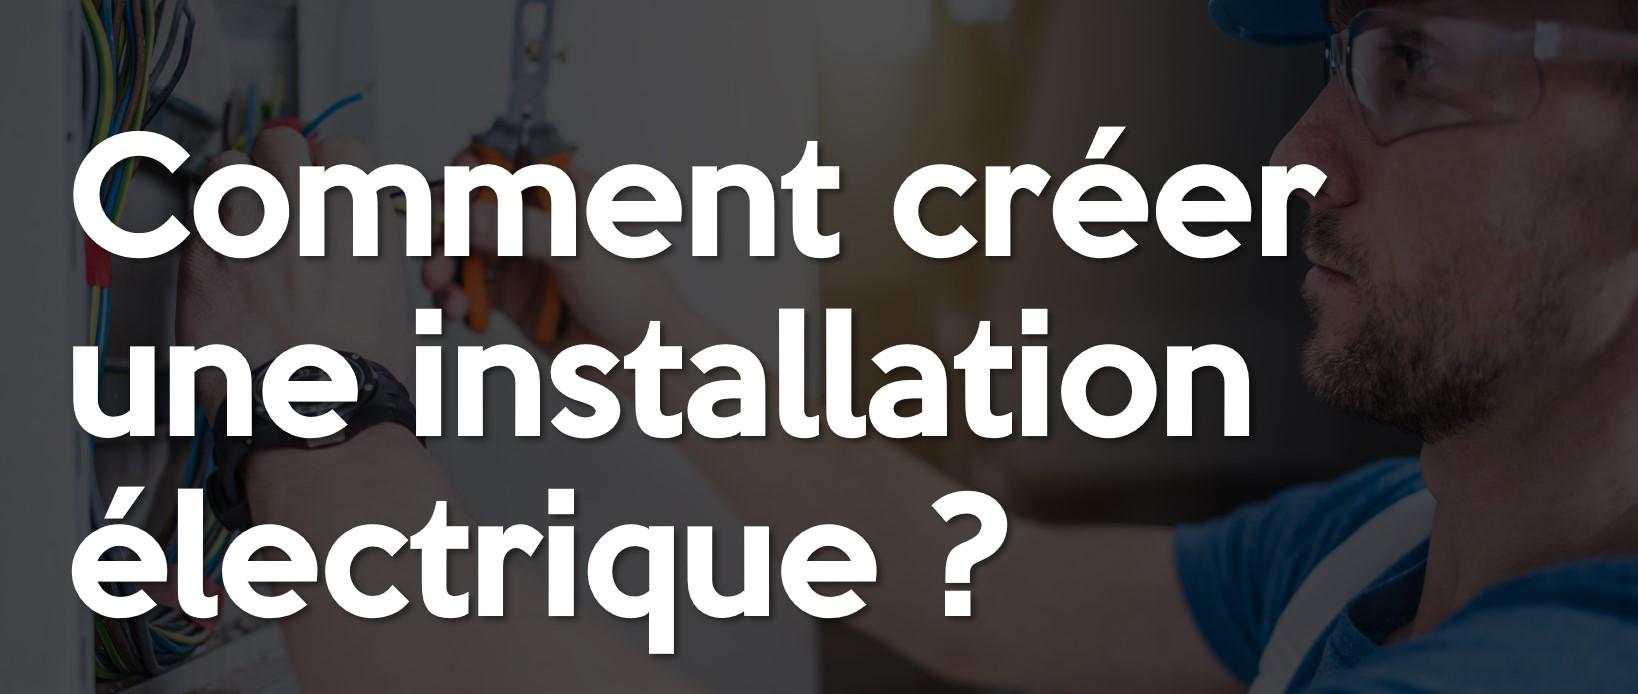 Comment créer une installation électrique?